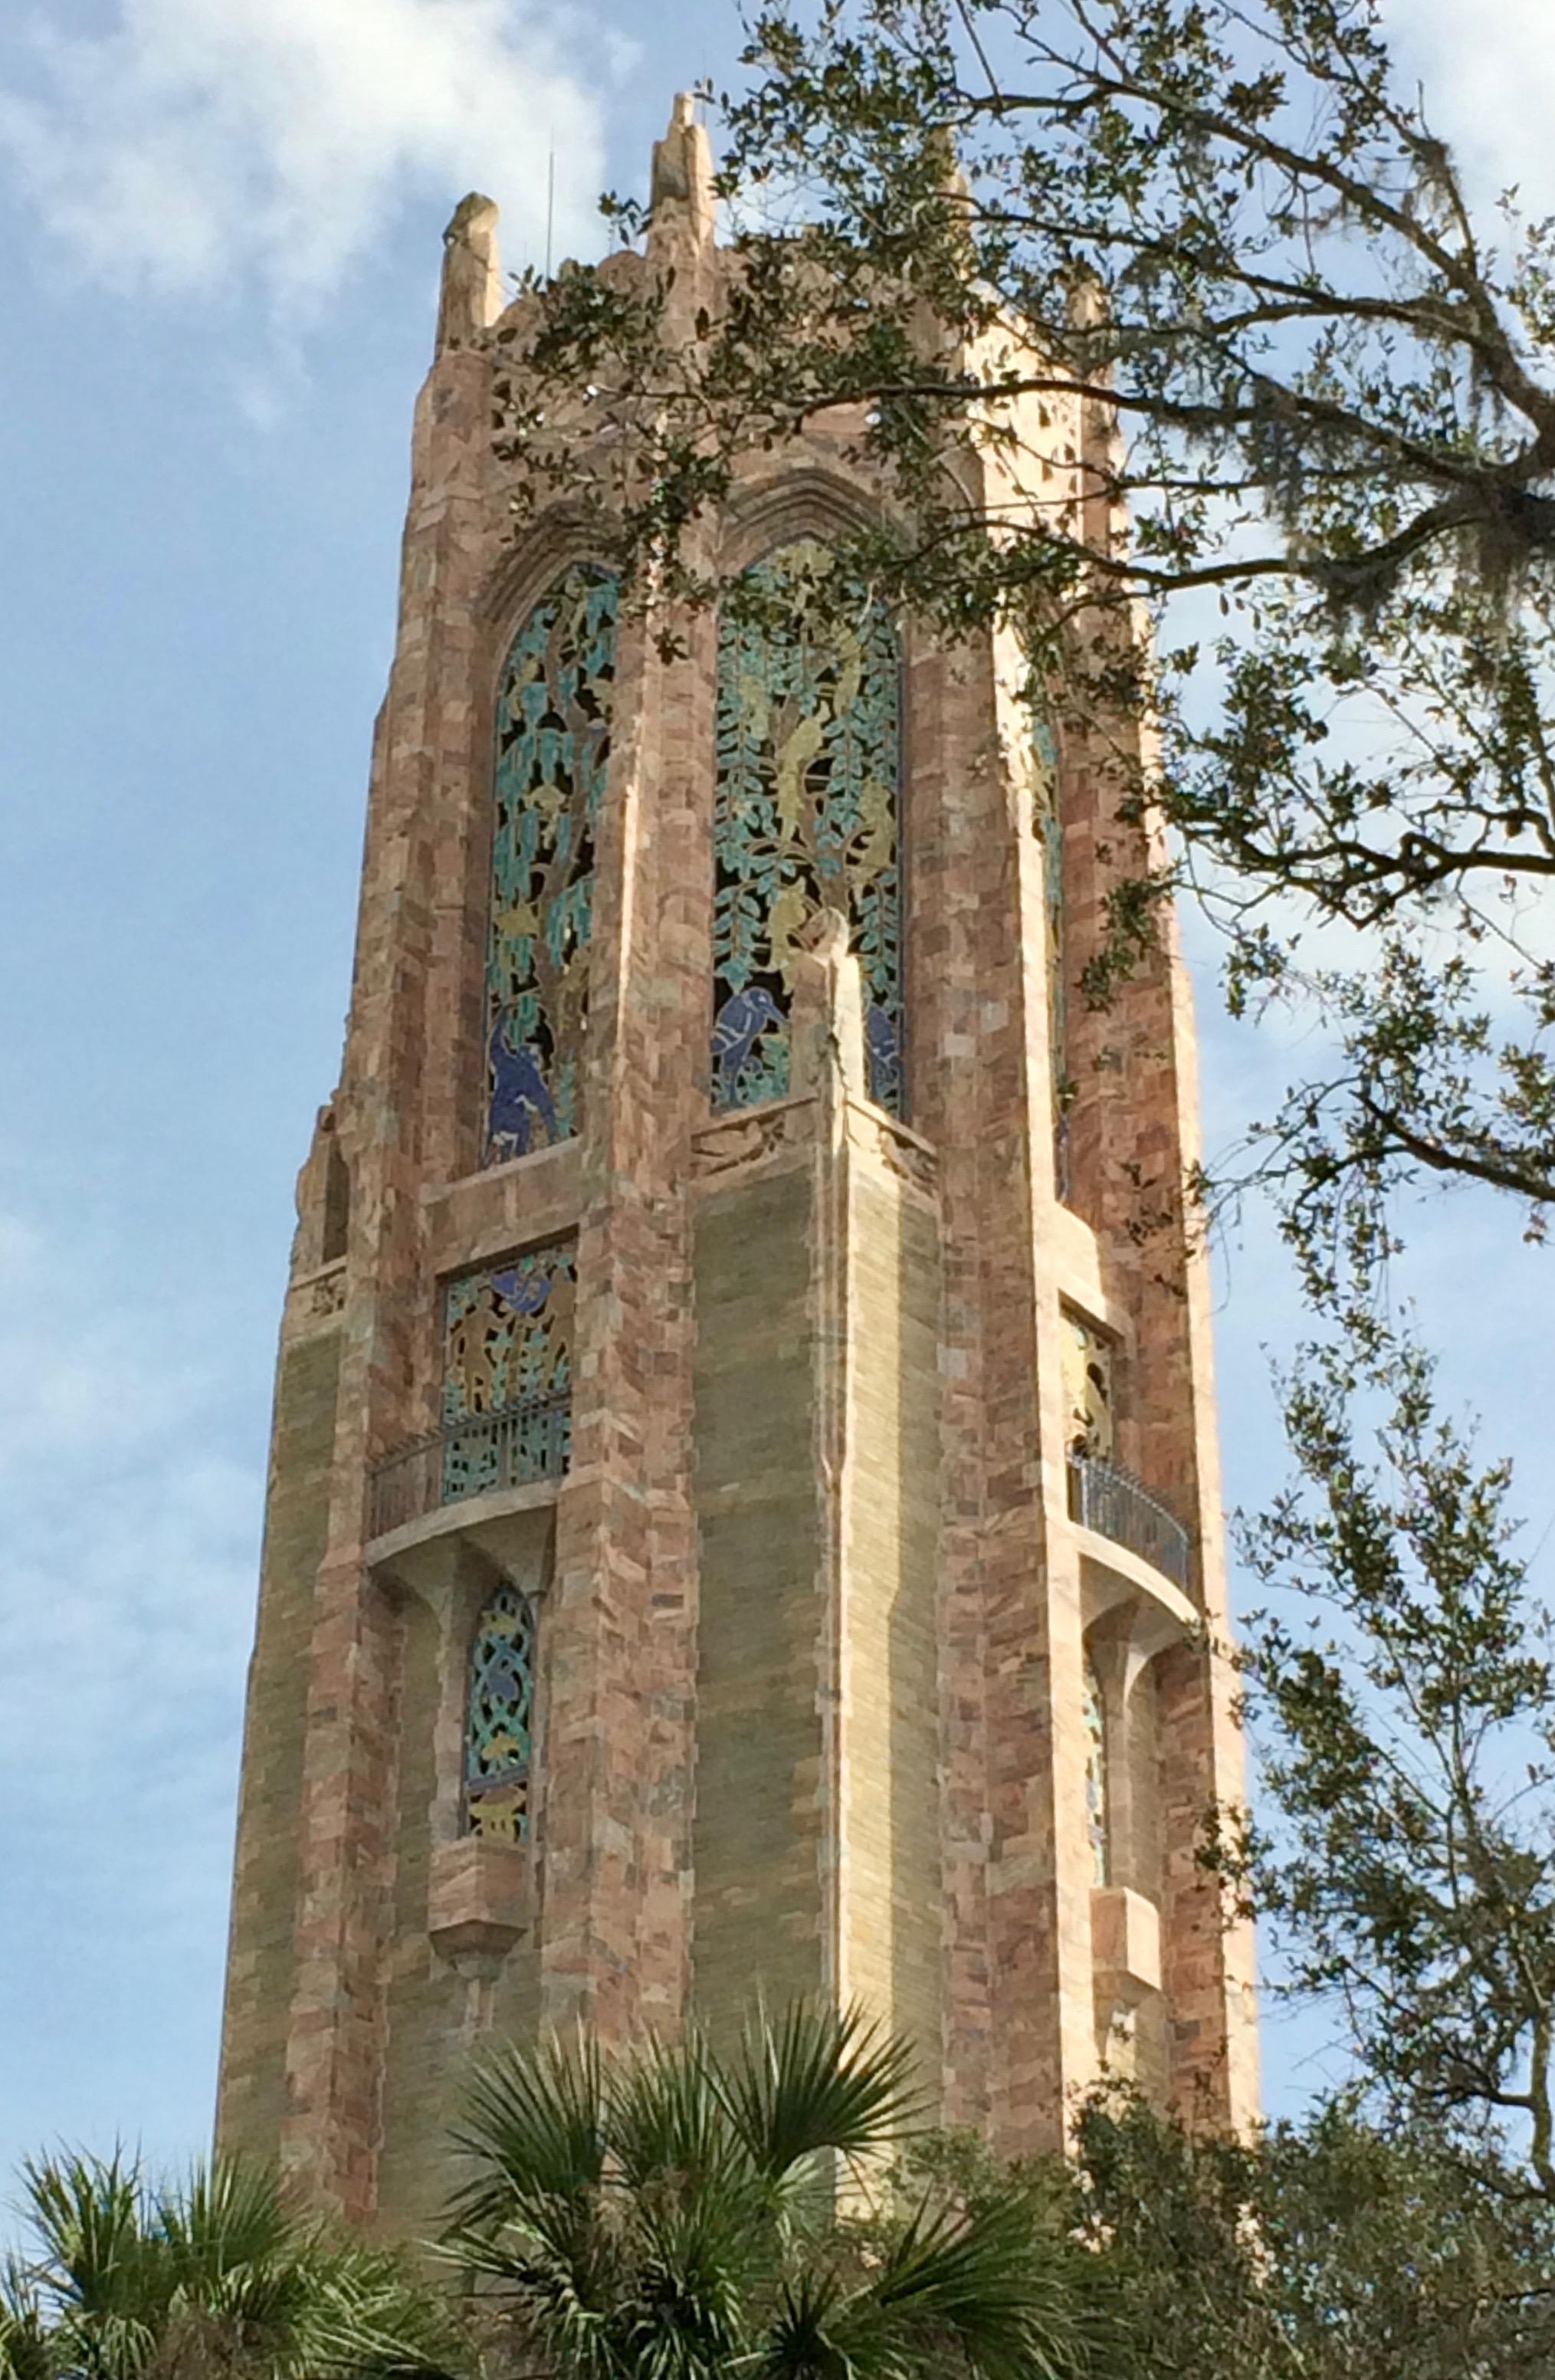 Carillon tower